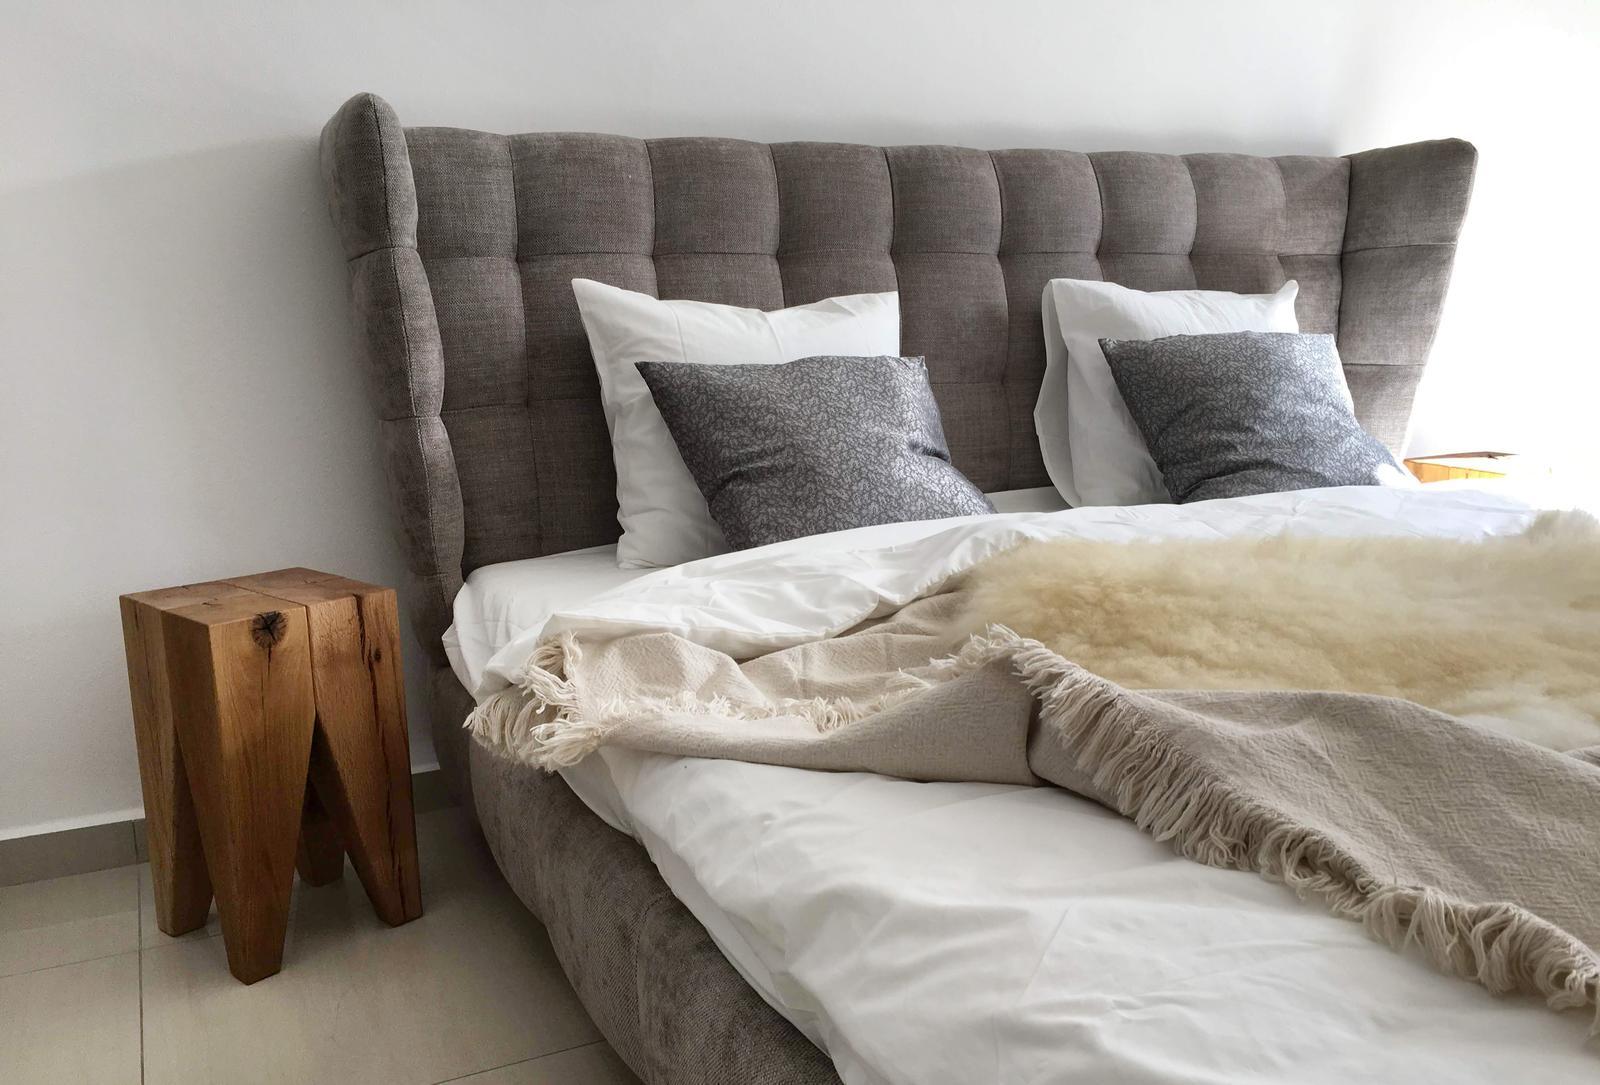 Cubica interiérové štúdio - showroom Zvolen - Celočalúnená posteľ v našej predajni vo Zvolene #postel #spalna #cubica